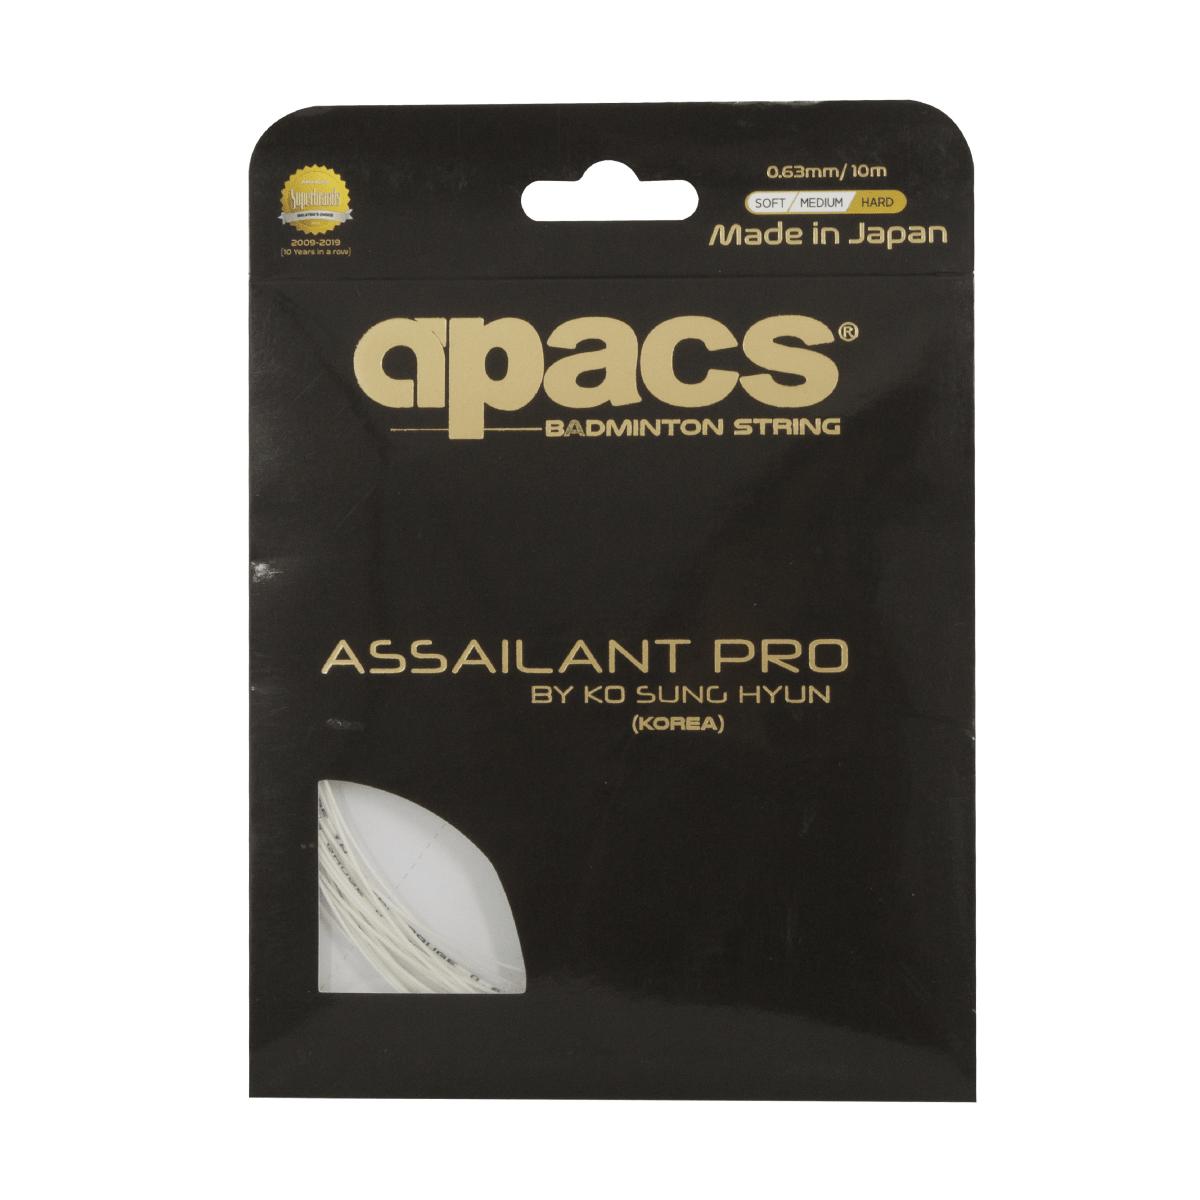 ASA-P63